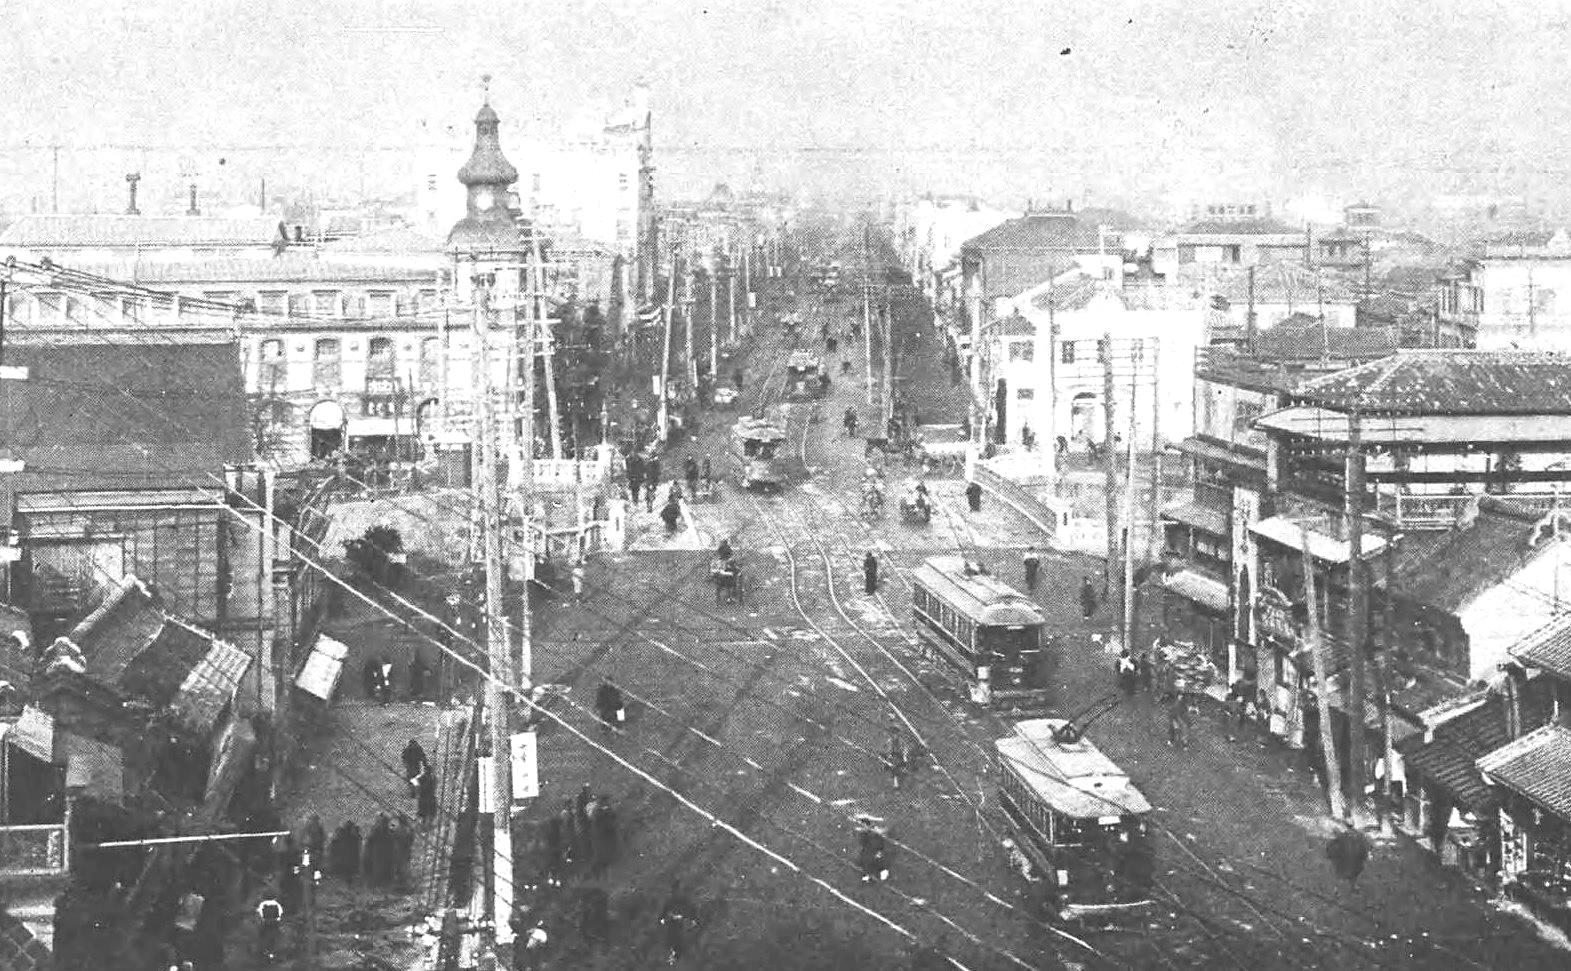 『東京府名勝図絵』より、1912(明治45)年の新橋市街の様子。(写真:国立国会図書館)